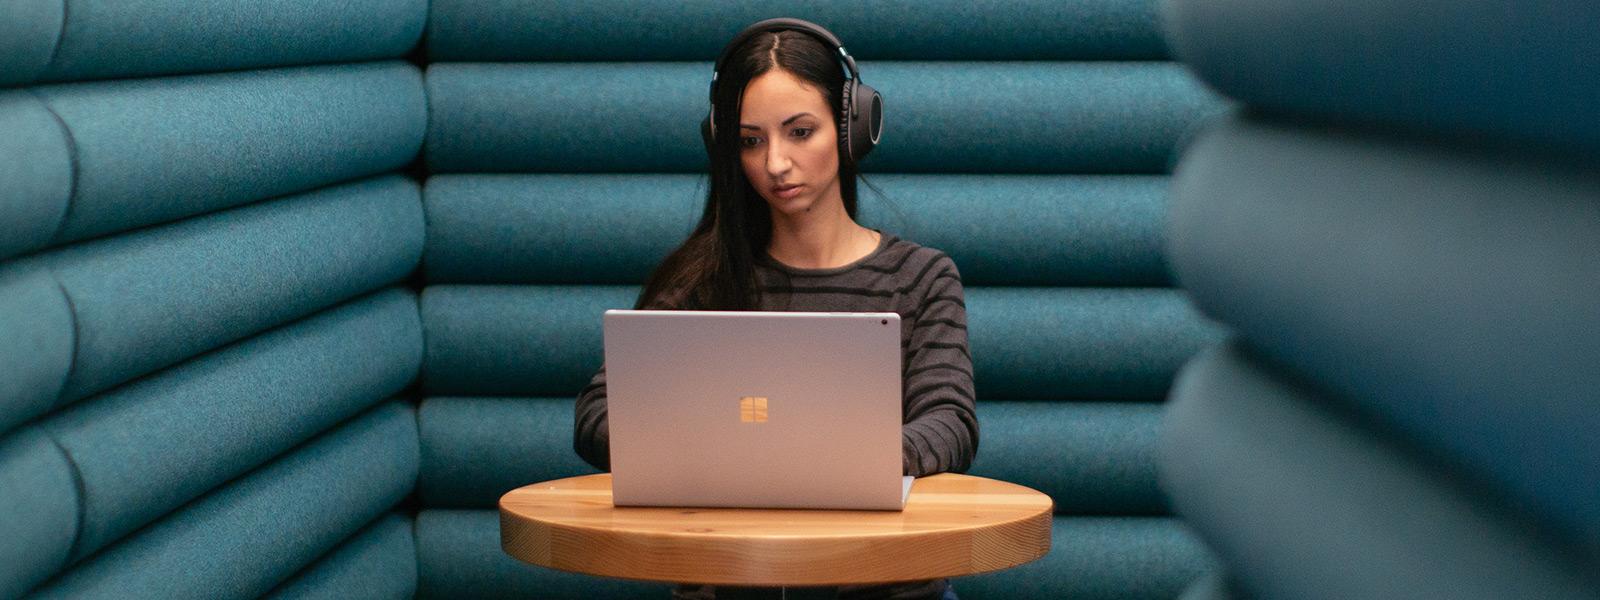 ผู้หญิงสวมหูฟังและนั่งเงียบ ๆ ตามลำพังขณะทำงานด้วยคอมพิวเตอร์ Windows 10